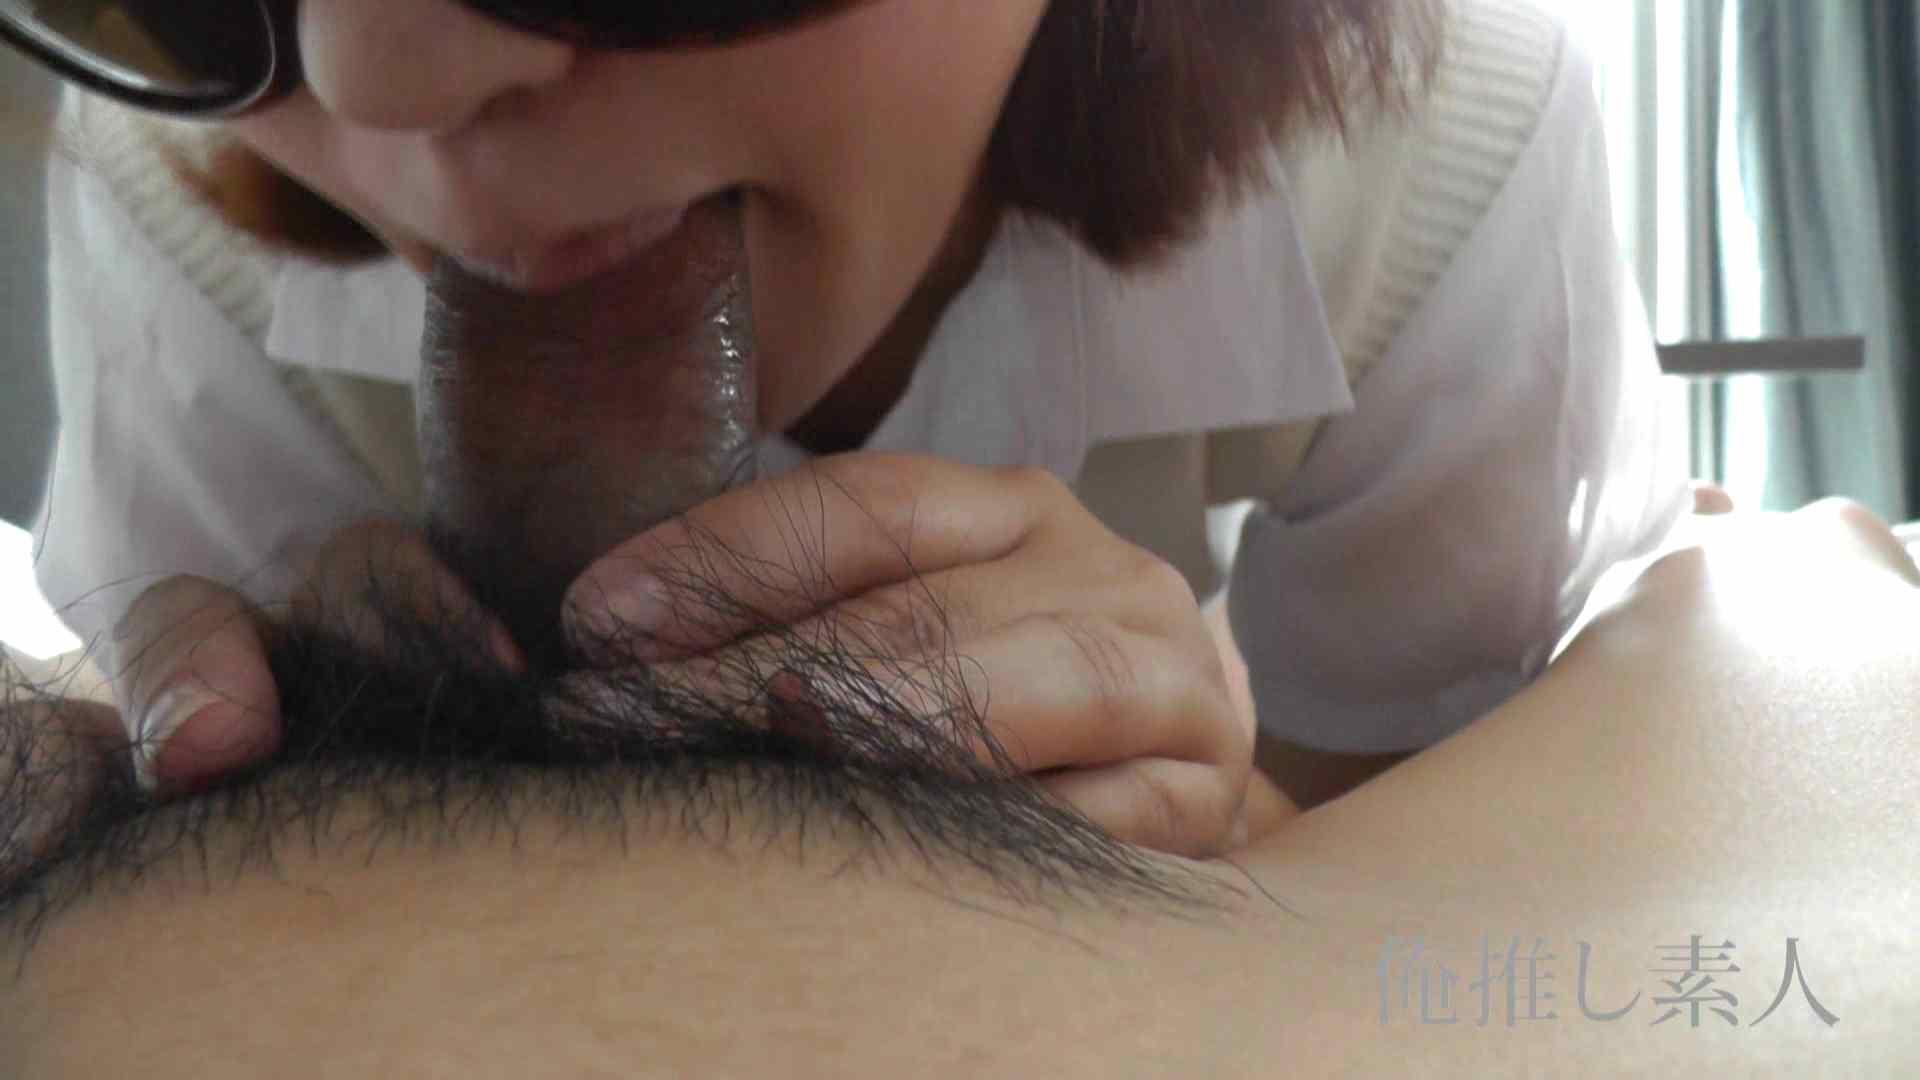 俺推し素人 キャバクラ嬢26歳久美vol6 コスプレ 戯れ無修正画像 77連発 47